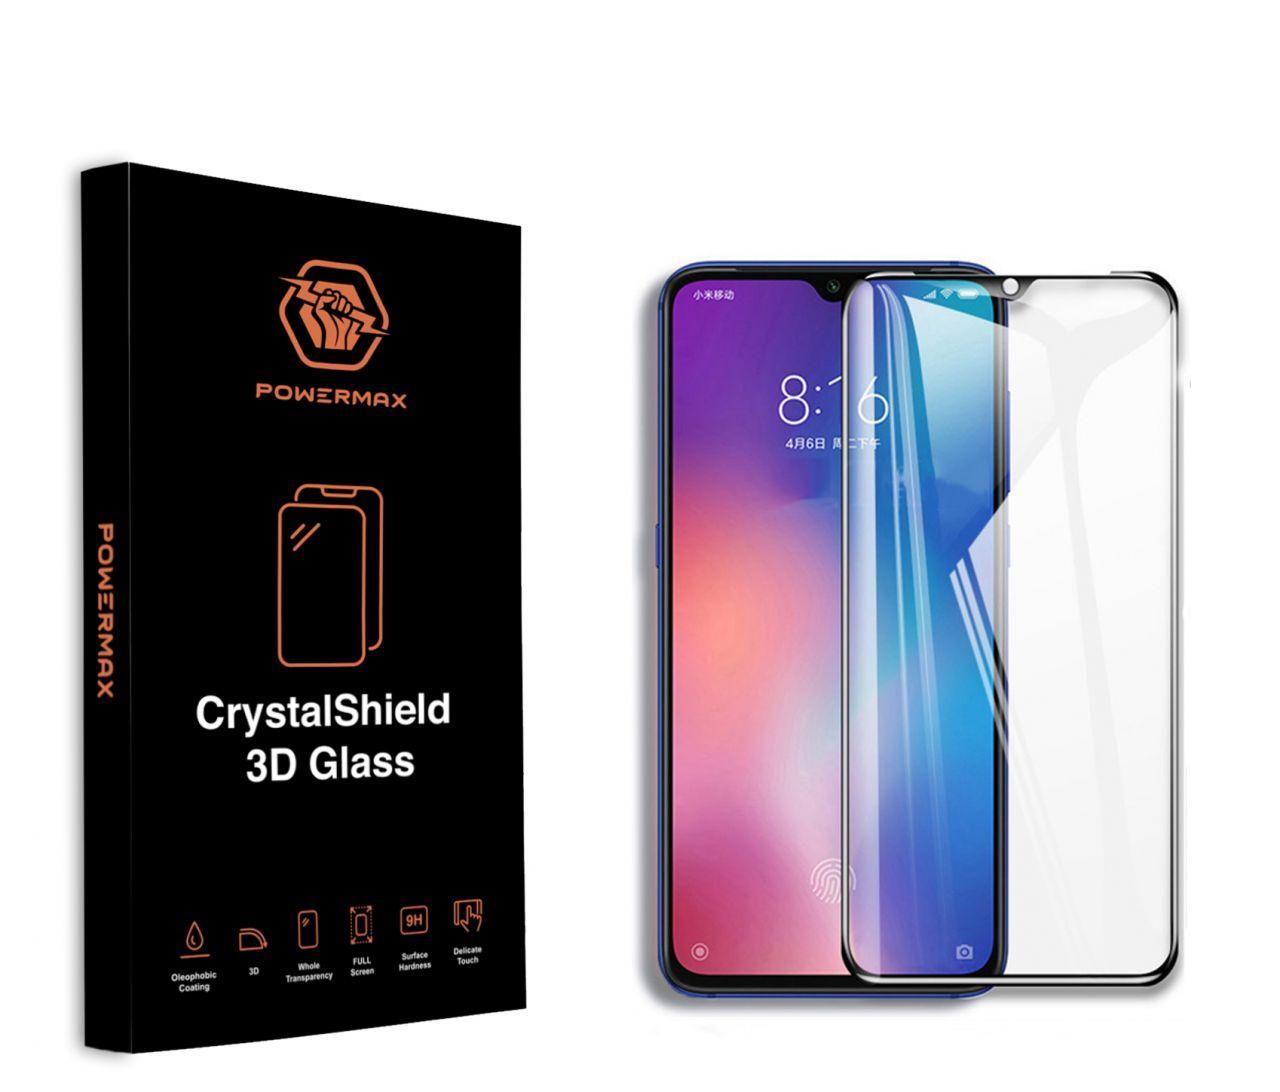 Защитное стекло Powermax 3D CrystalShield Xiaomi Mi 9 Black (PWRMXCRXM9B)